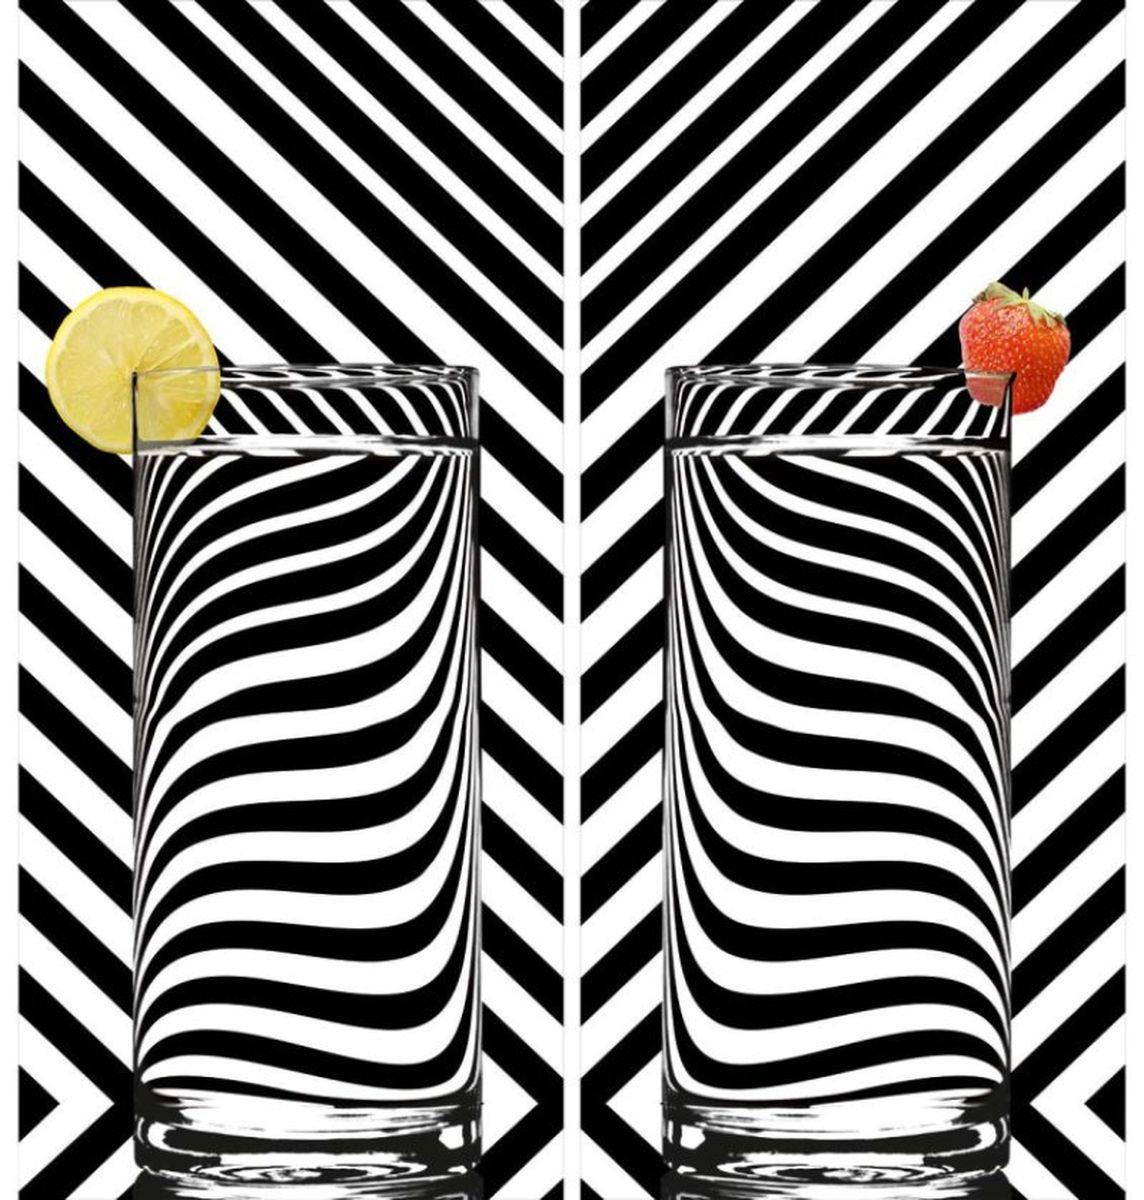 Панно декоративное Твоя Планета Белое и черное, 105 х 110 см4607161054970